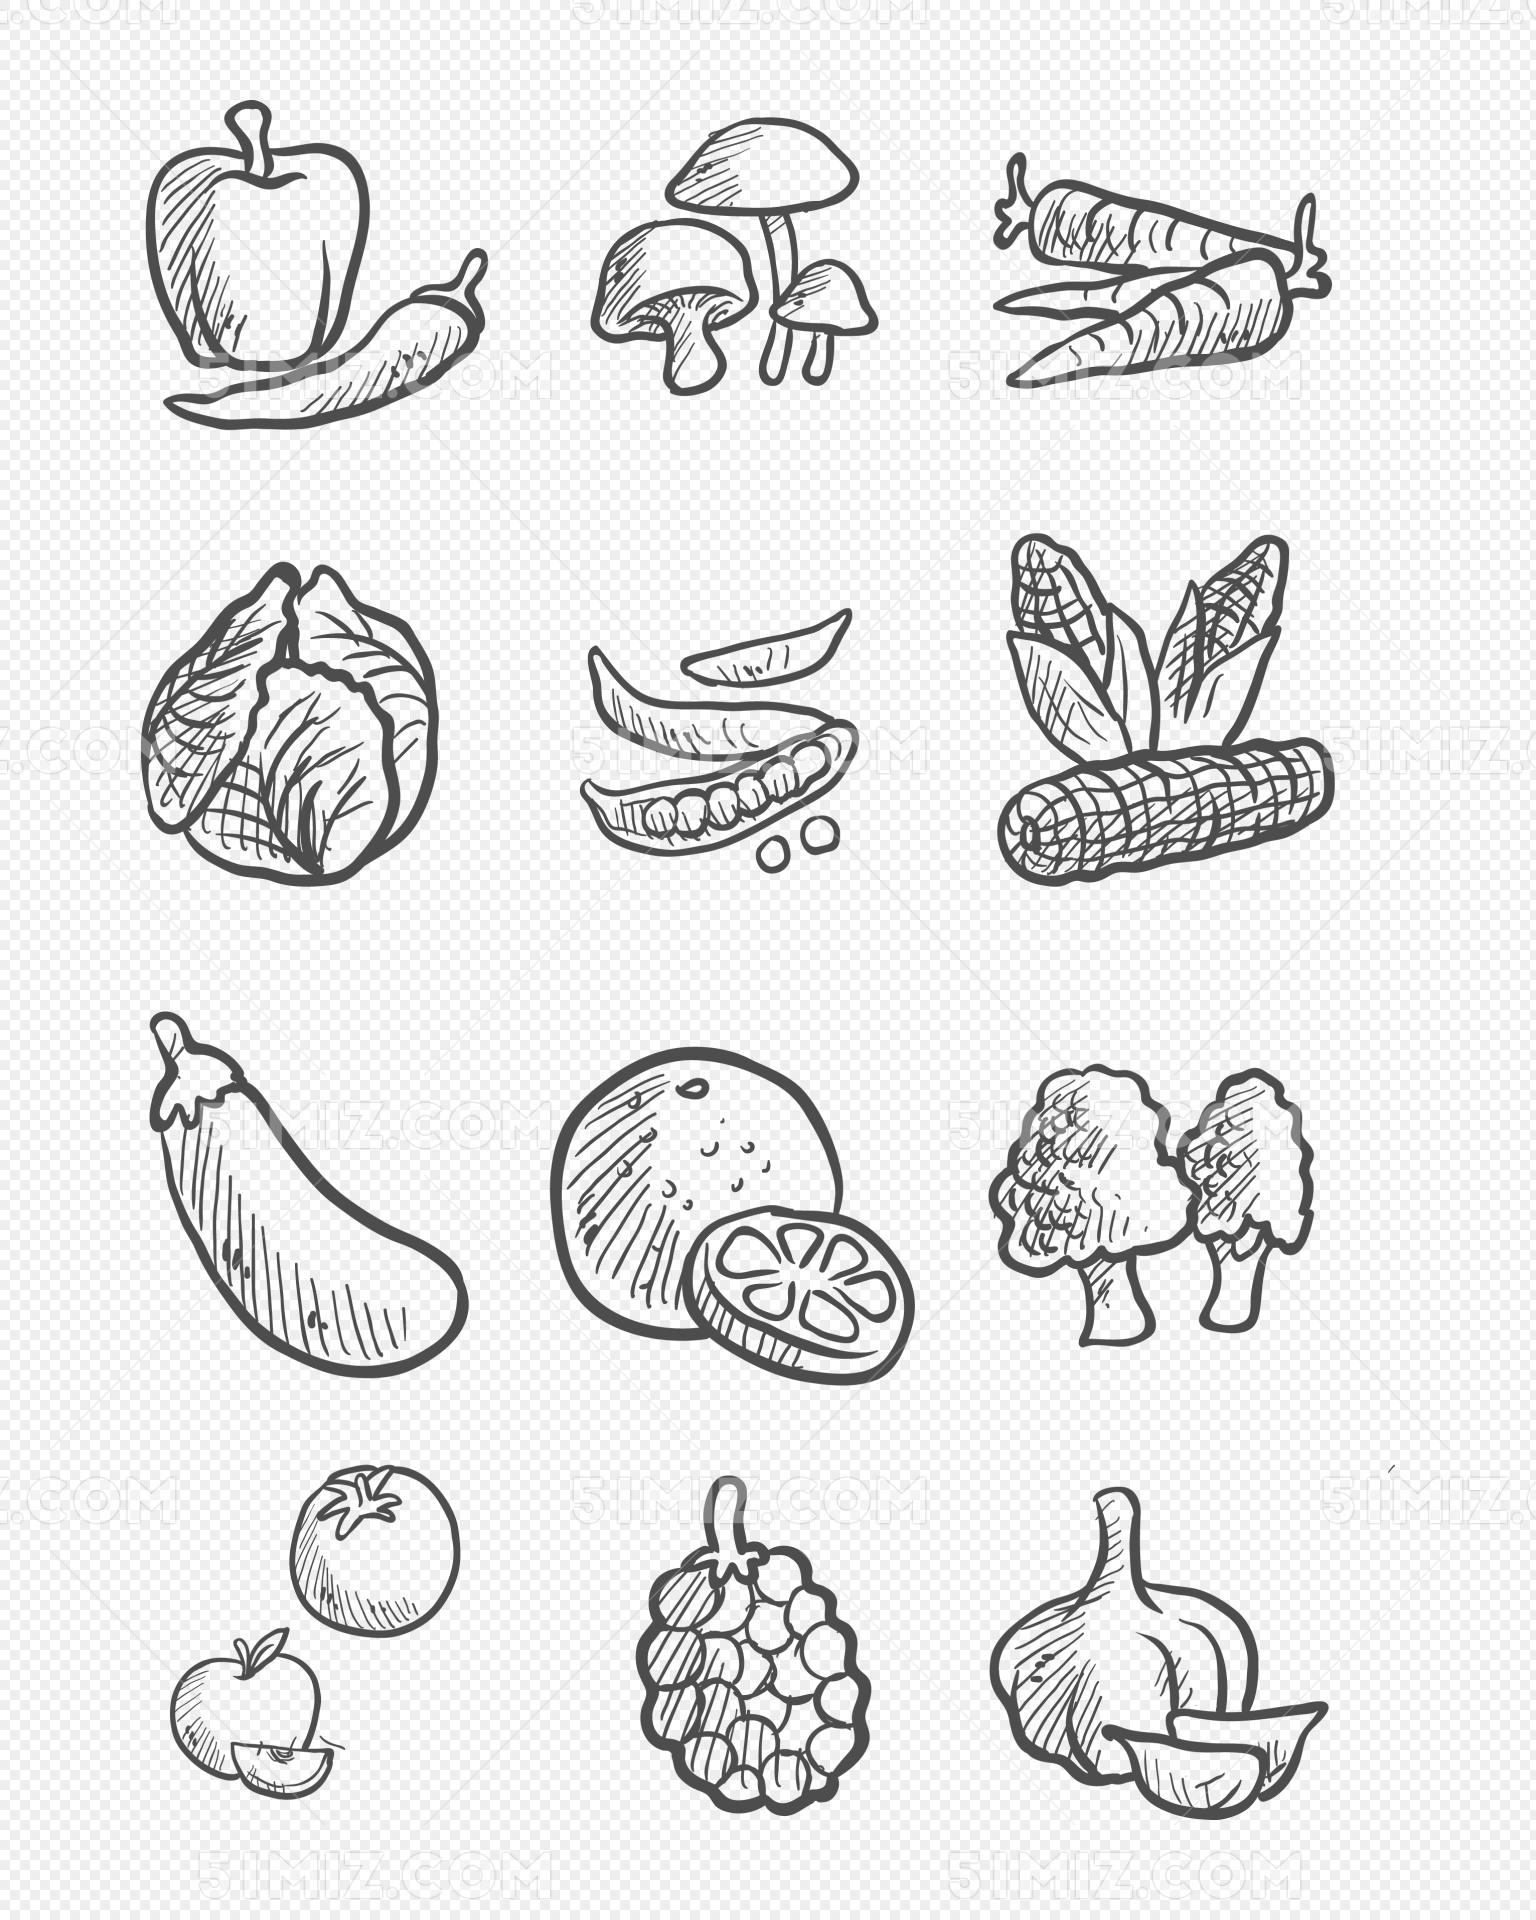 水果手绘素描蔬菜矢量素材